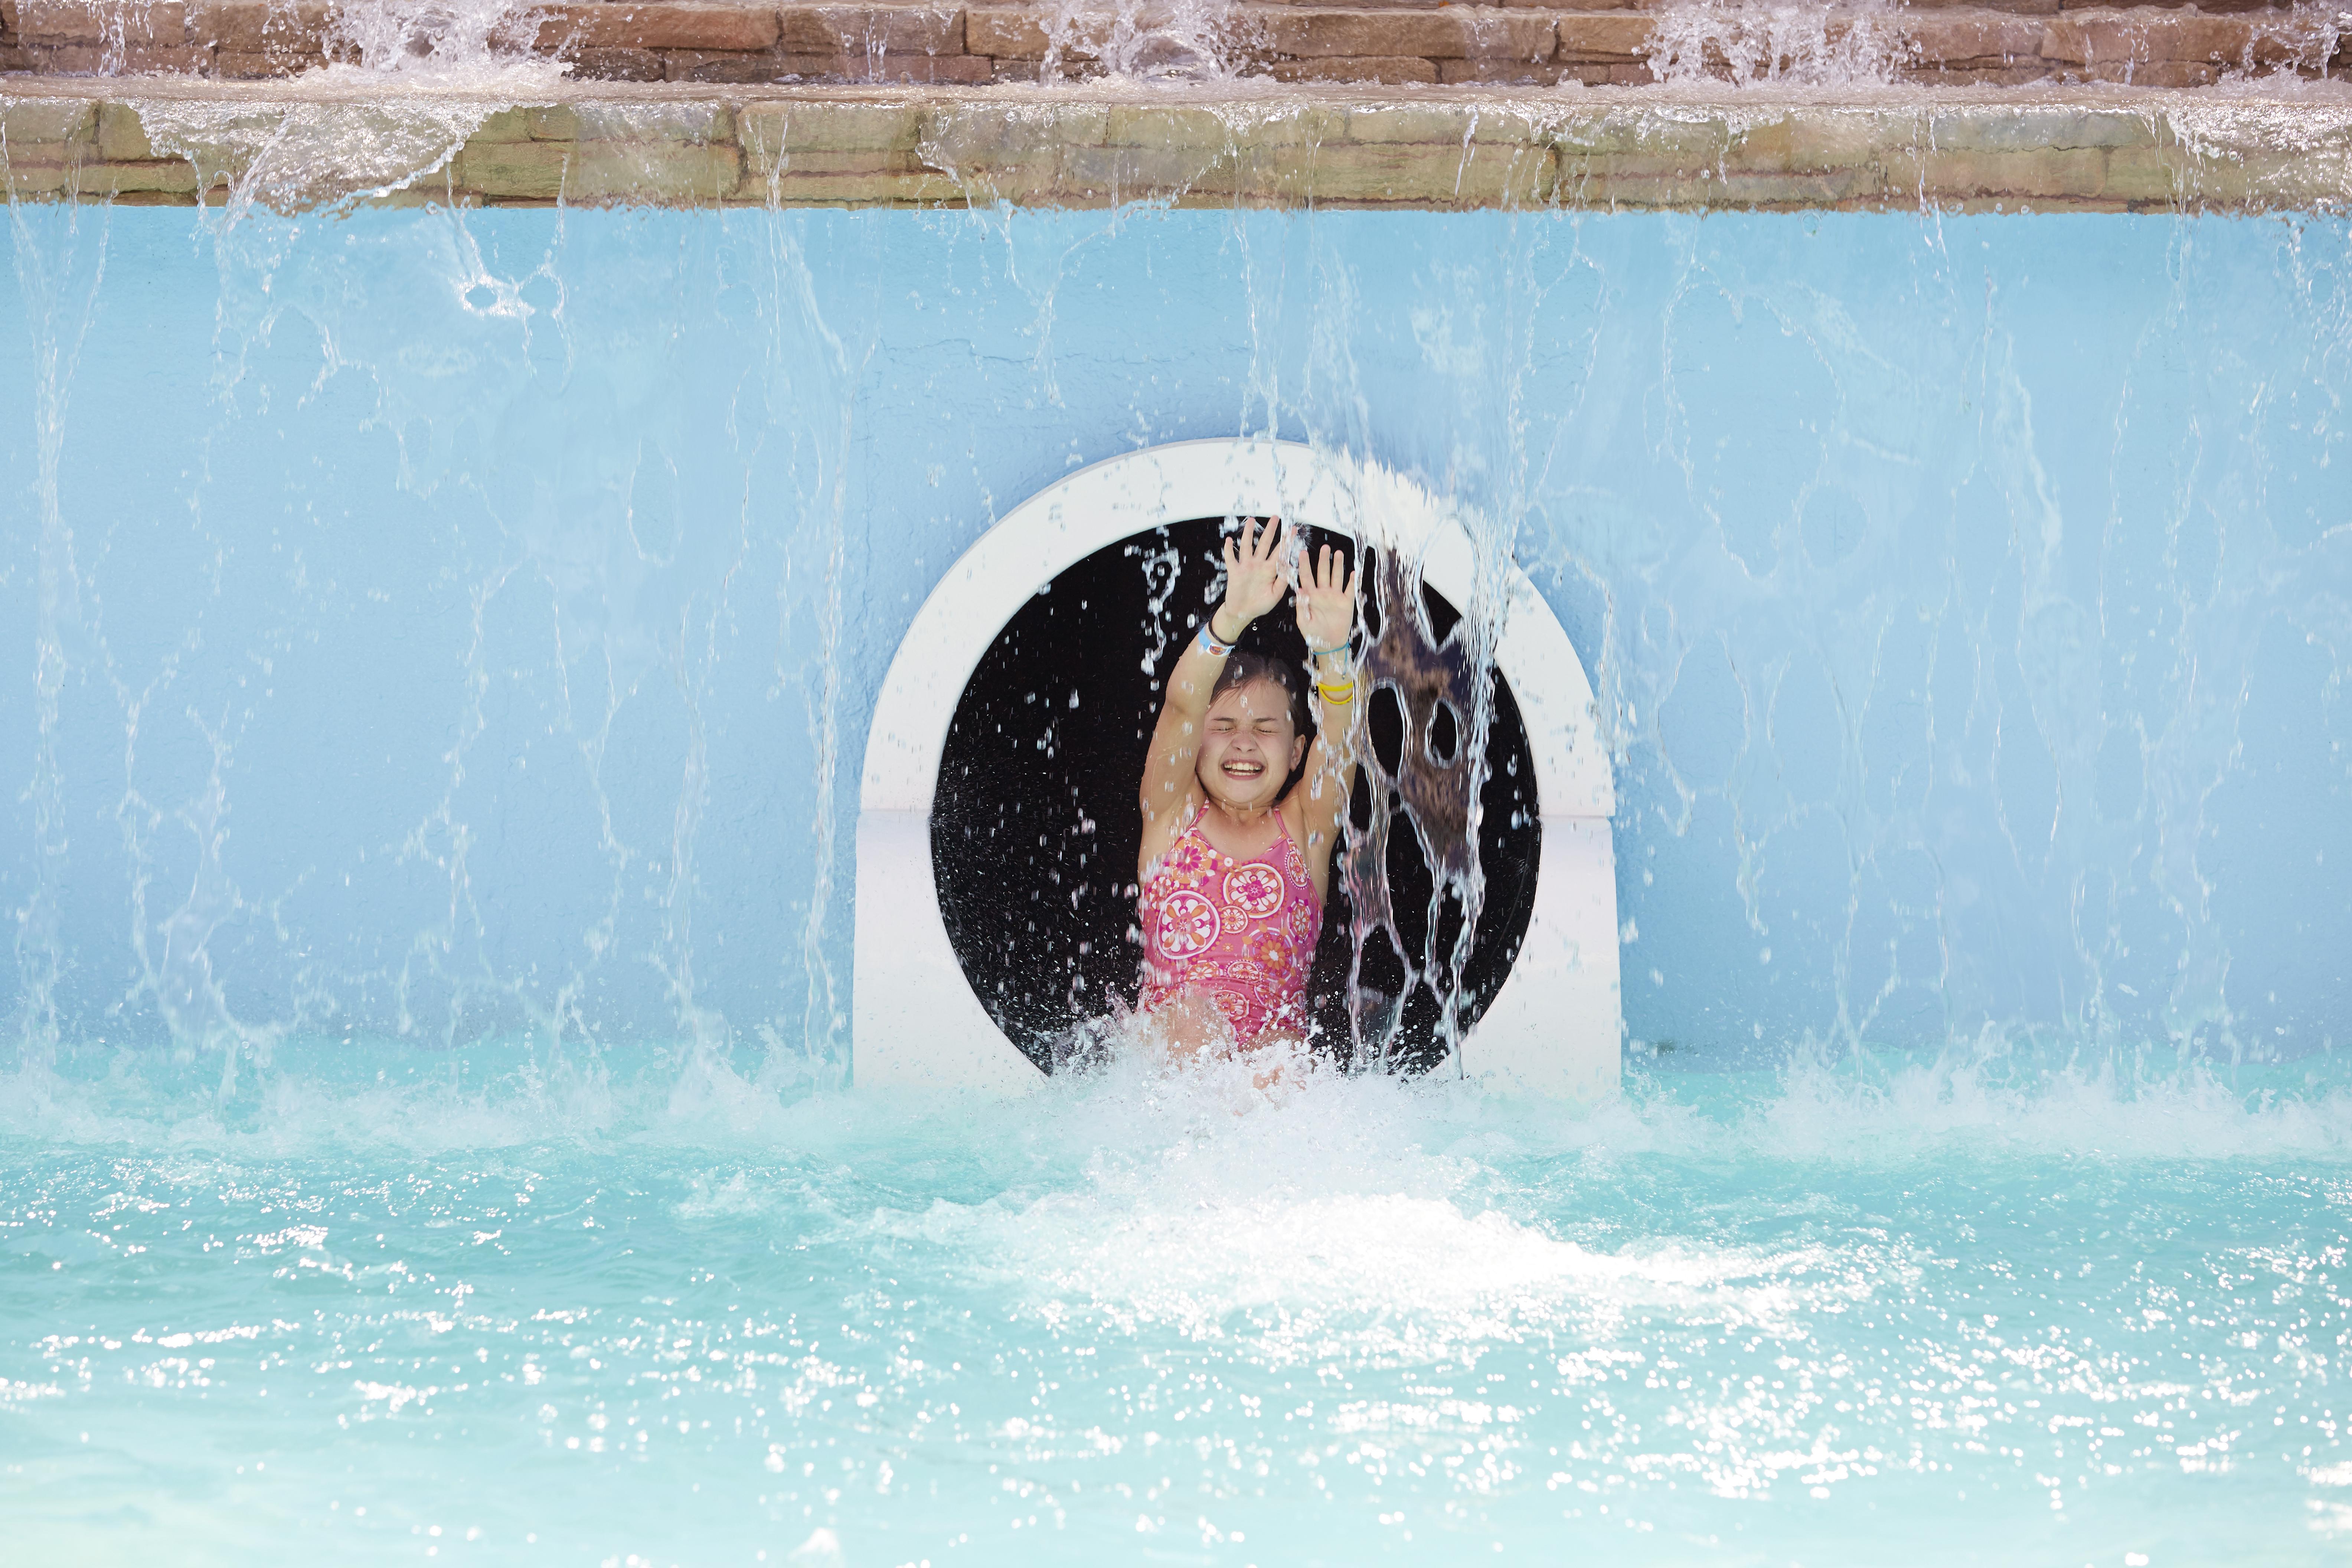 Pool Slide_girl